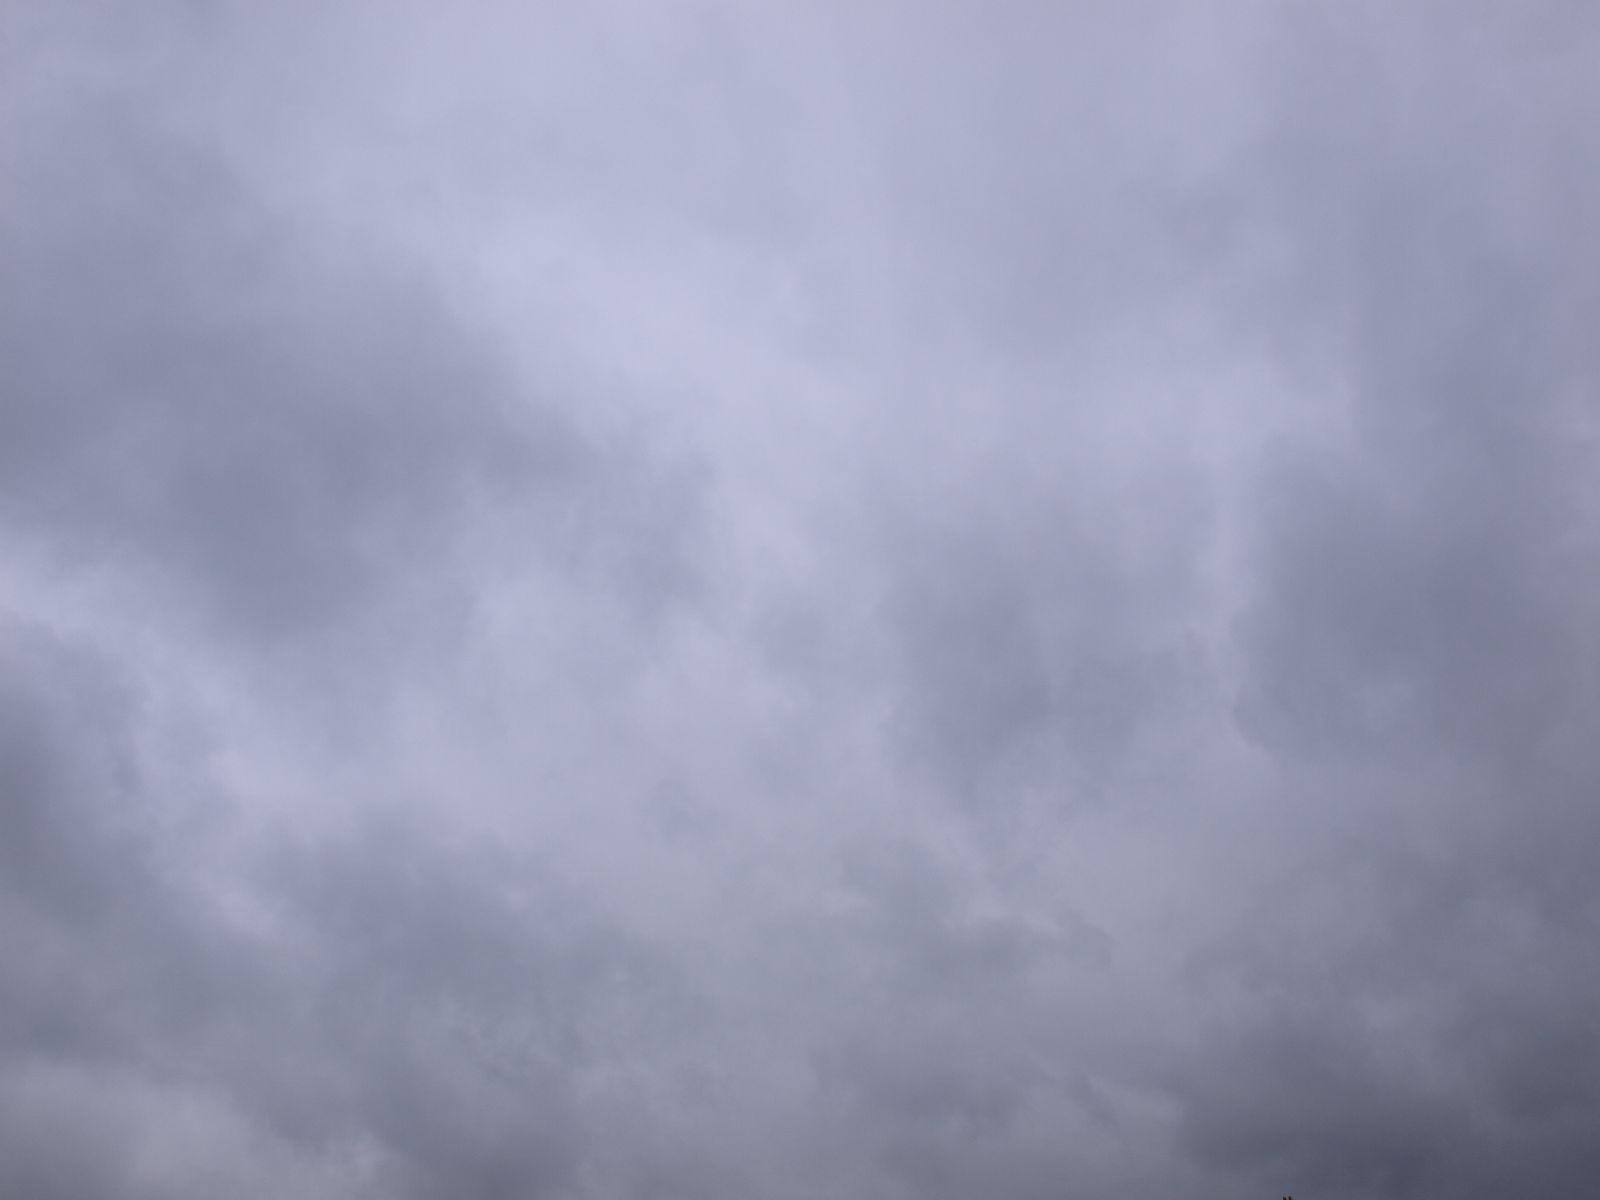 Himmel-Wolken-Foto_Textur_A_P5123671